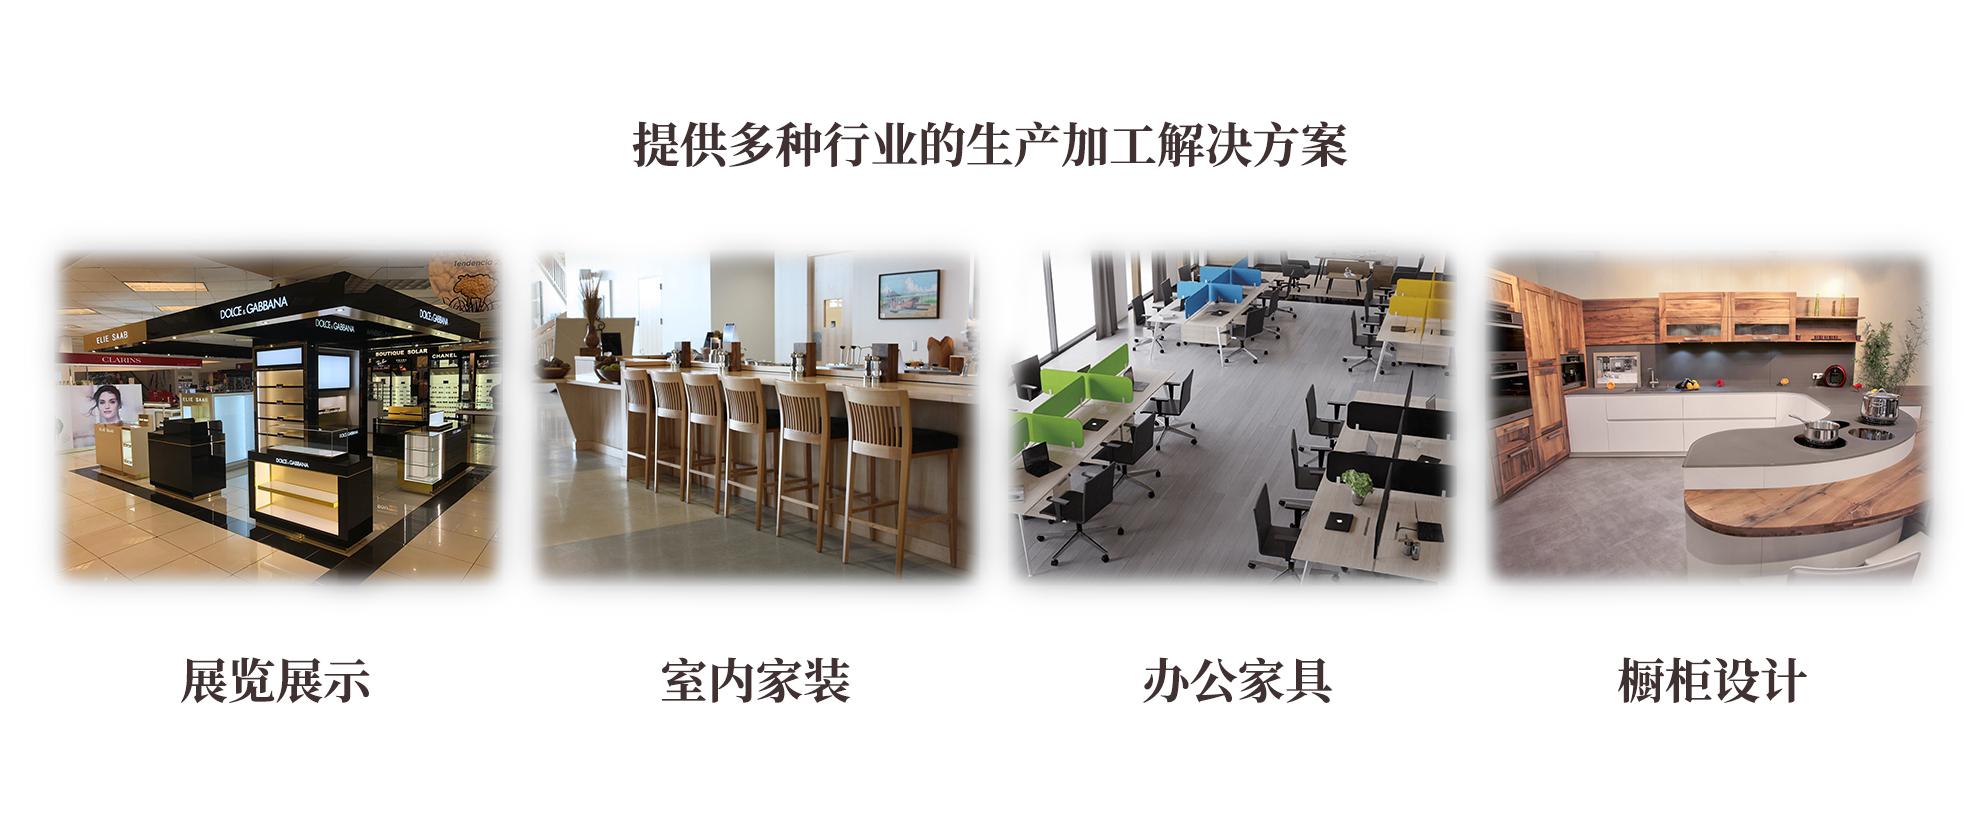 木工行业研发管理解决方案